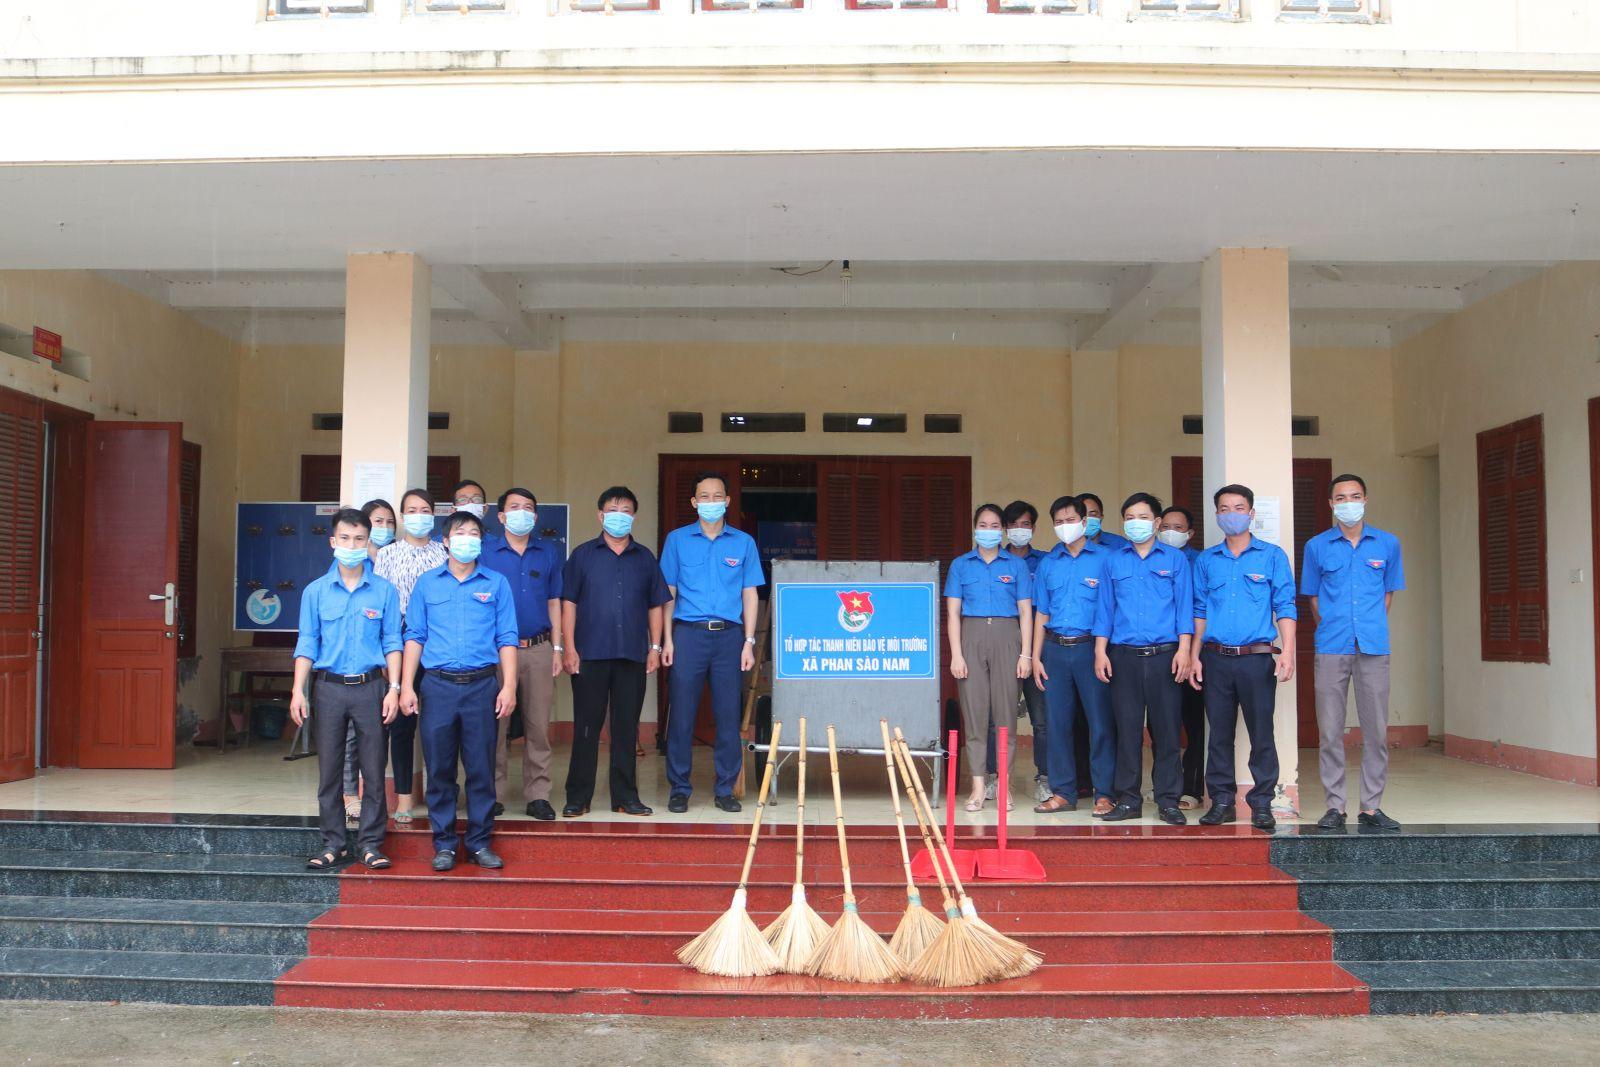 Ra mắt Tổ hợp tác thanh niên bảo vệ môi trường xã Phan Sào Nam, huyện Phù Cừ